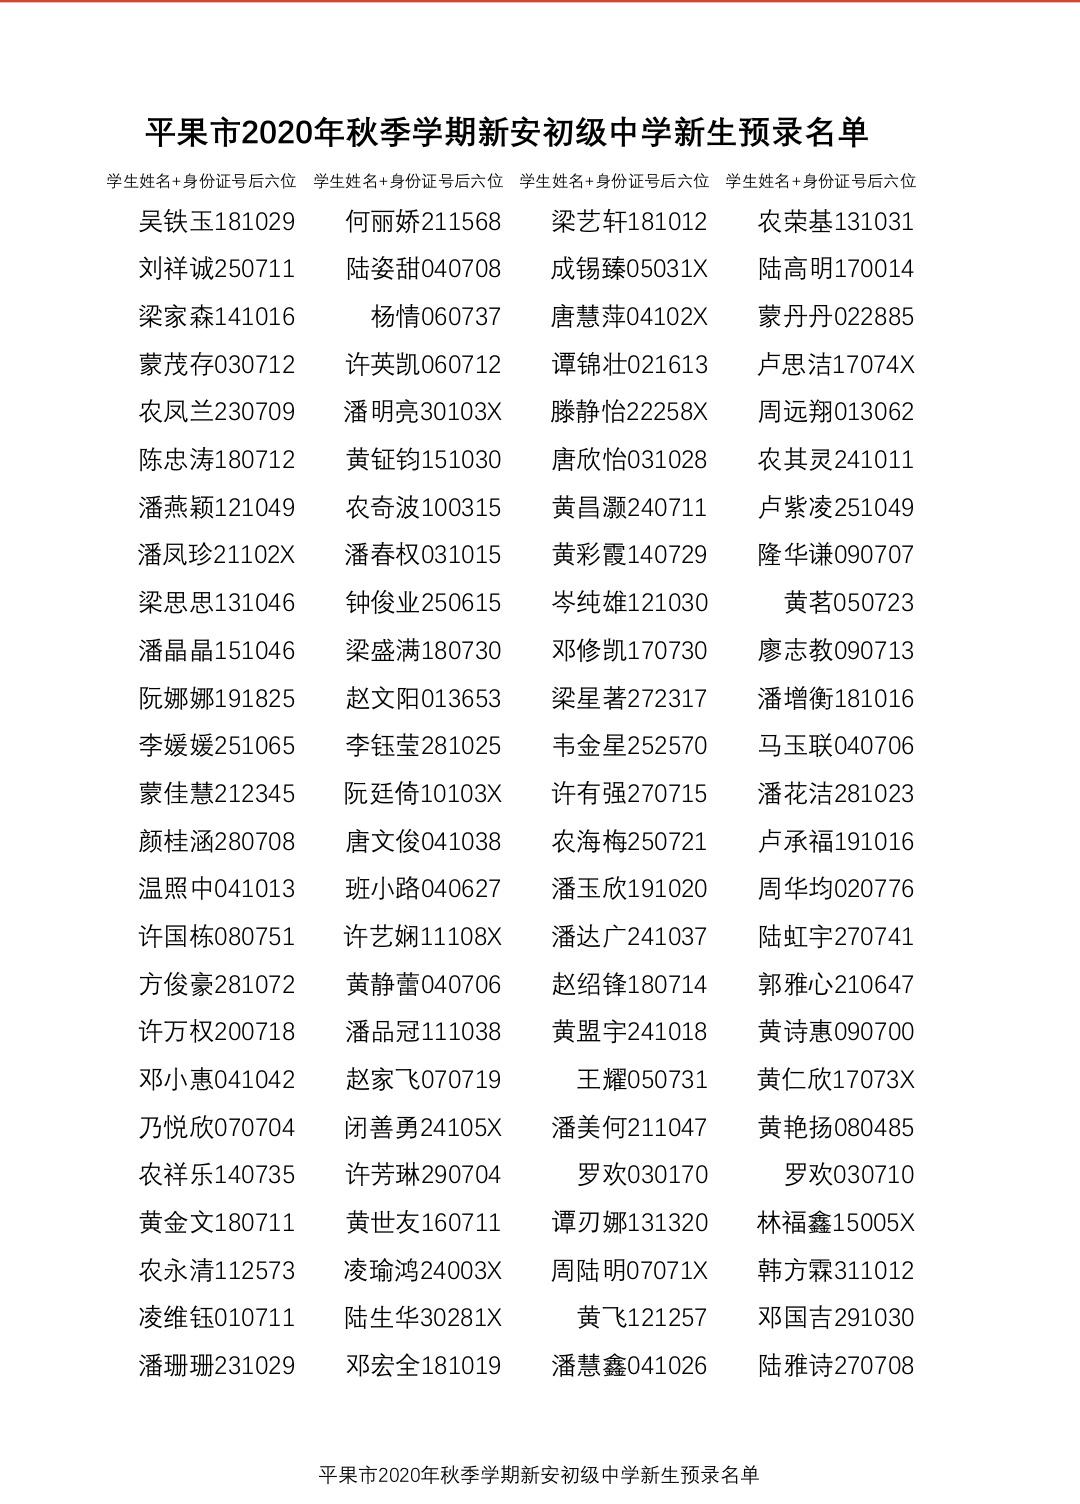 微信图片_20200730082220.jpg